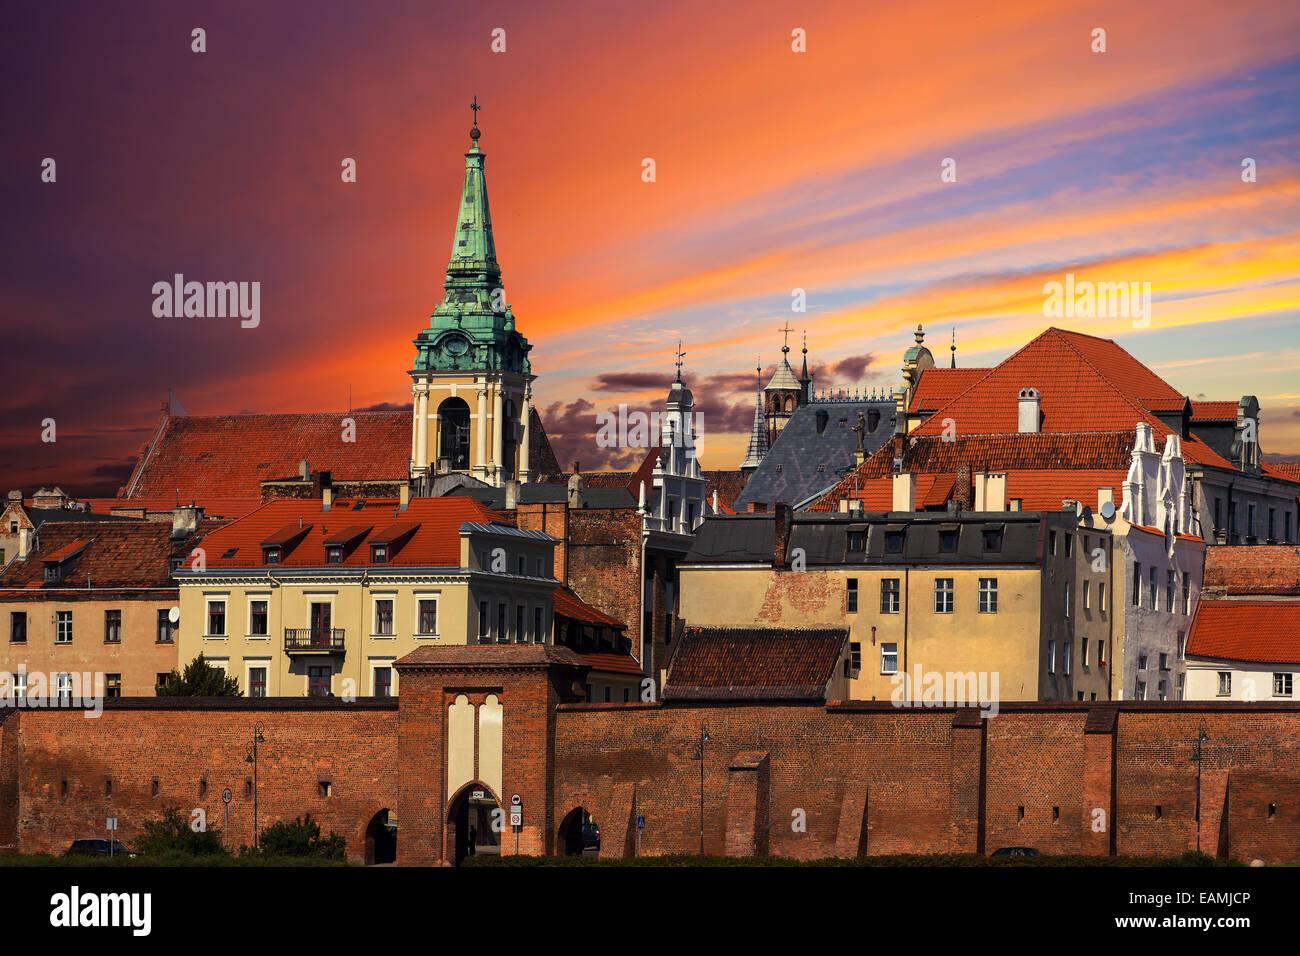 Puesta de sol sobre el casco antiguo de Torun, Polonia. Imagen De Stock